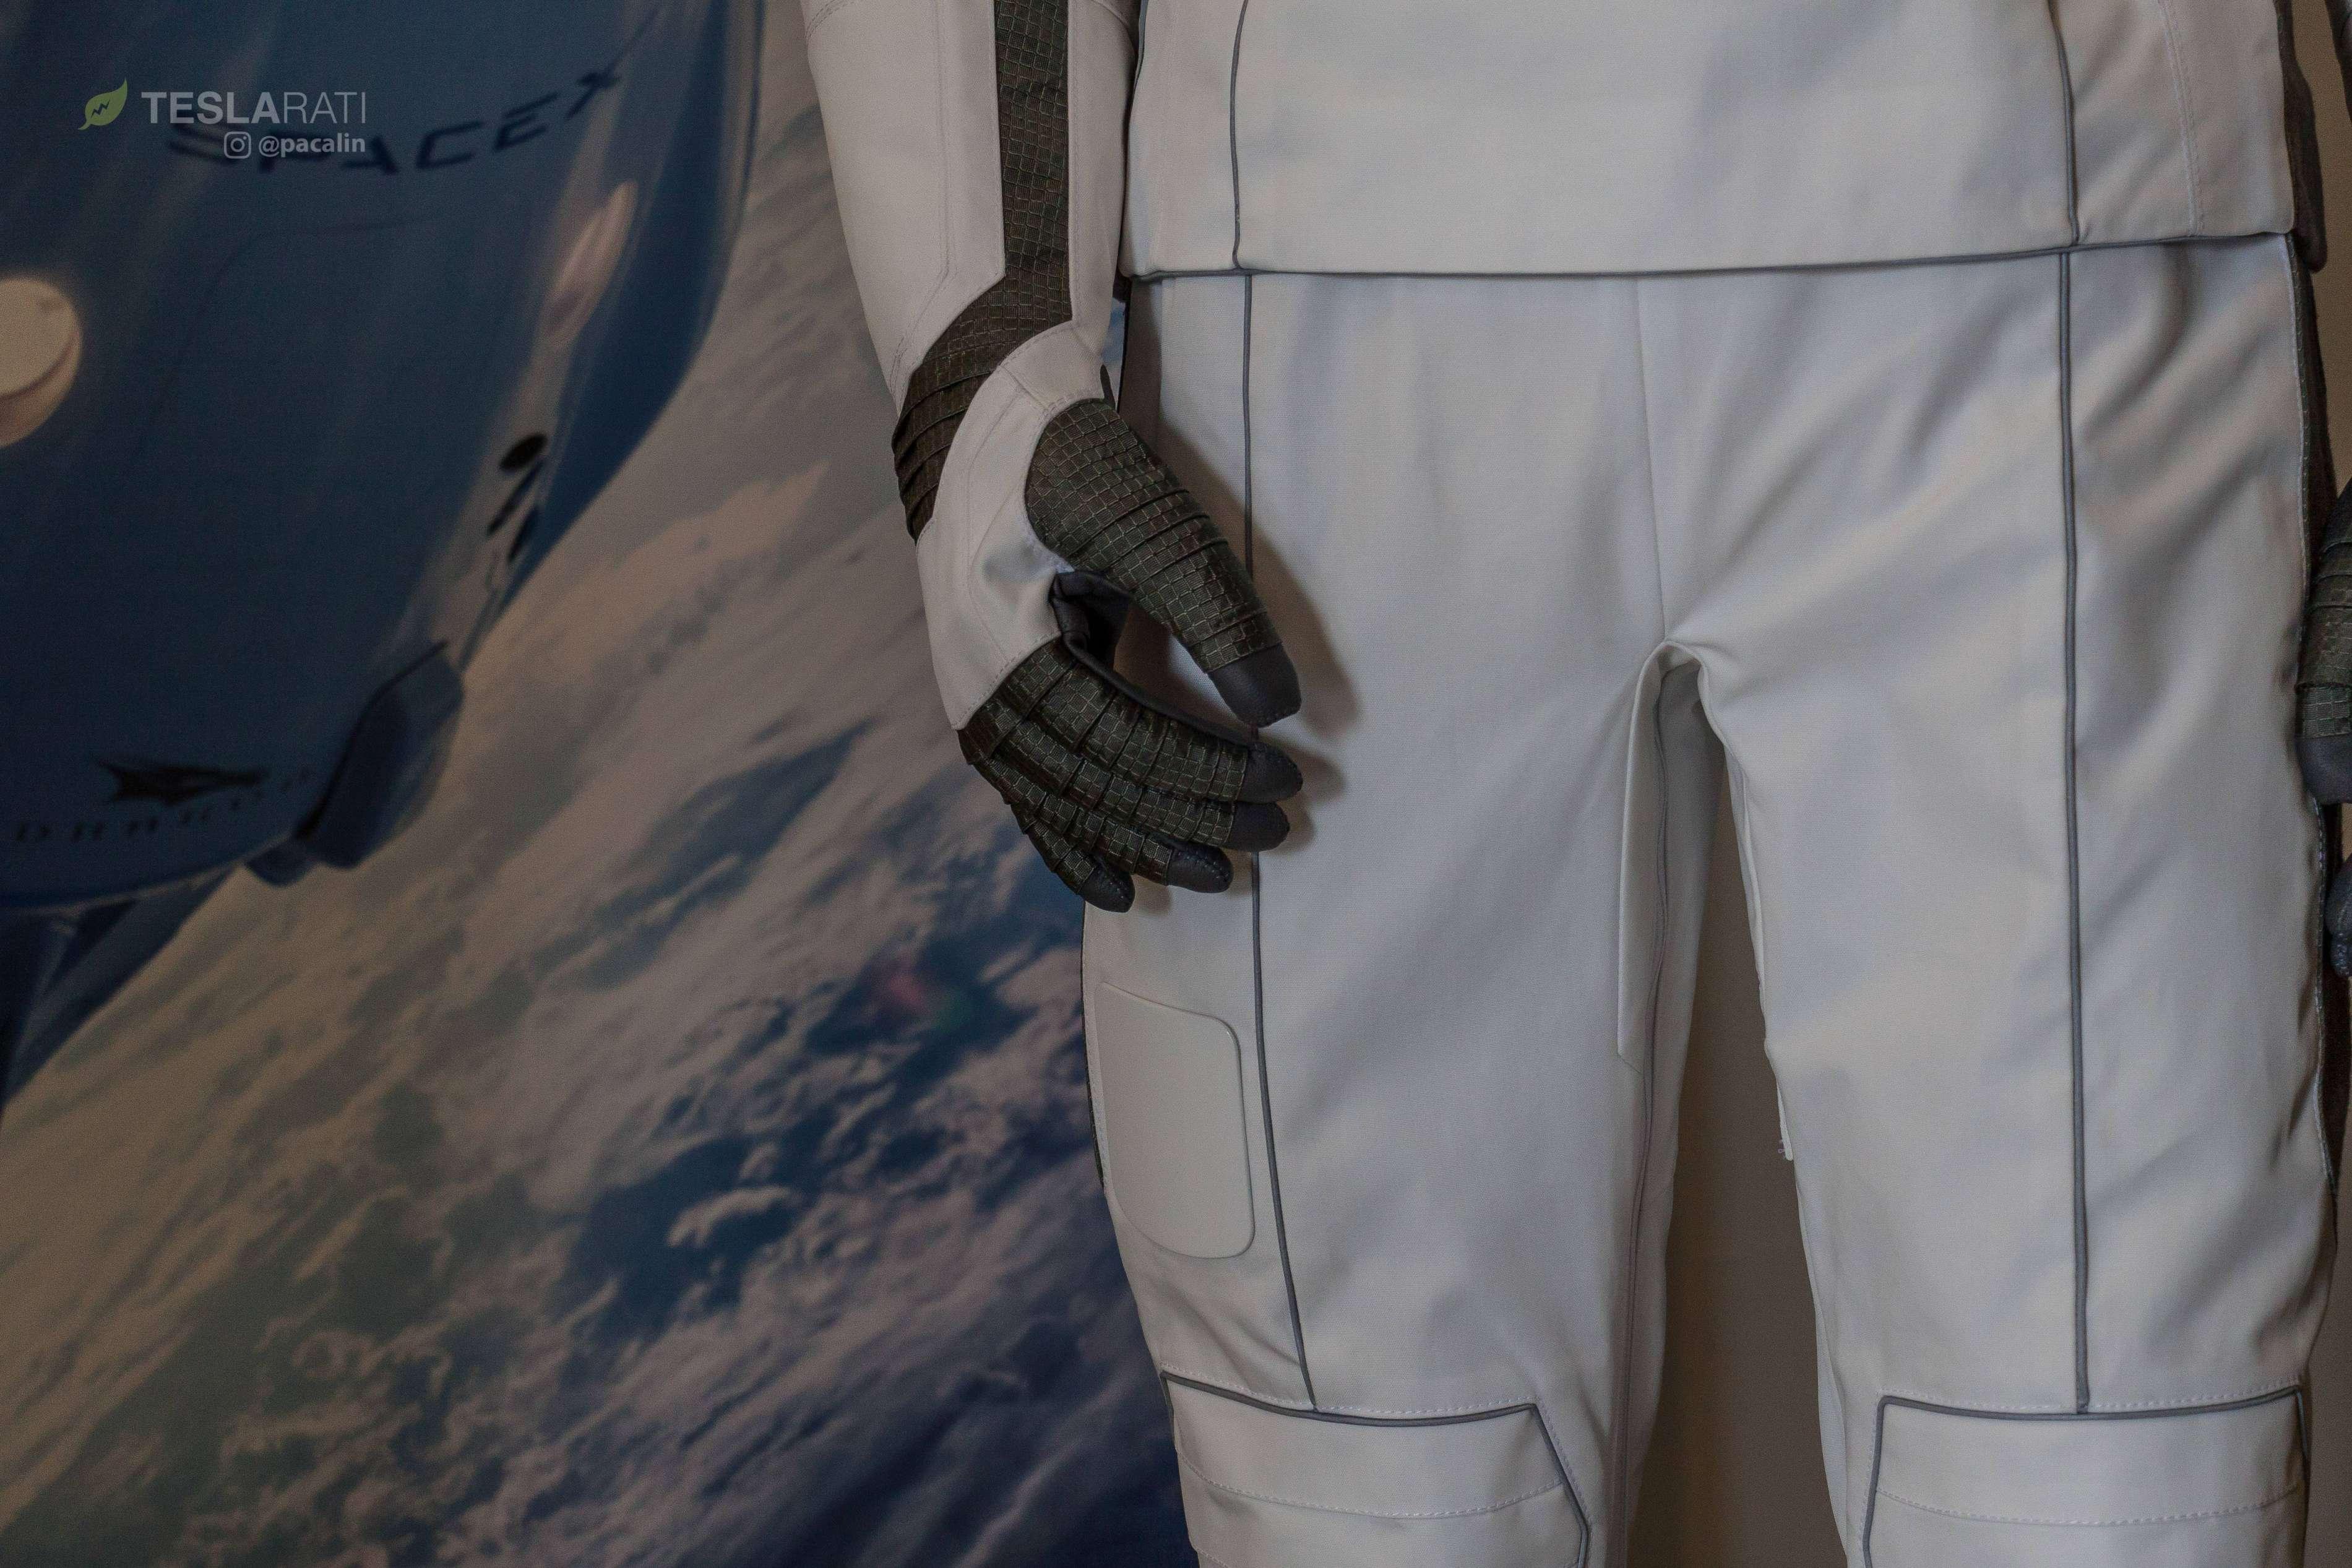 Crew Dragon spacesuit 081318 (SpaceX) 2 (c)